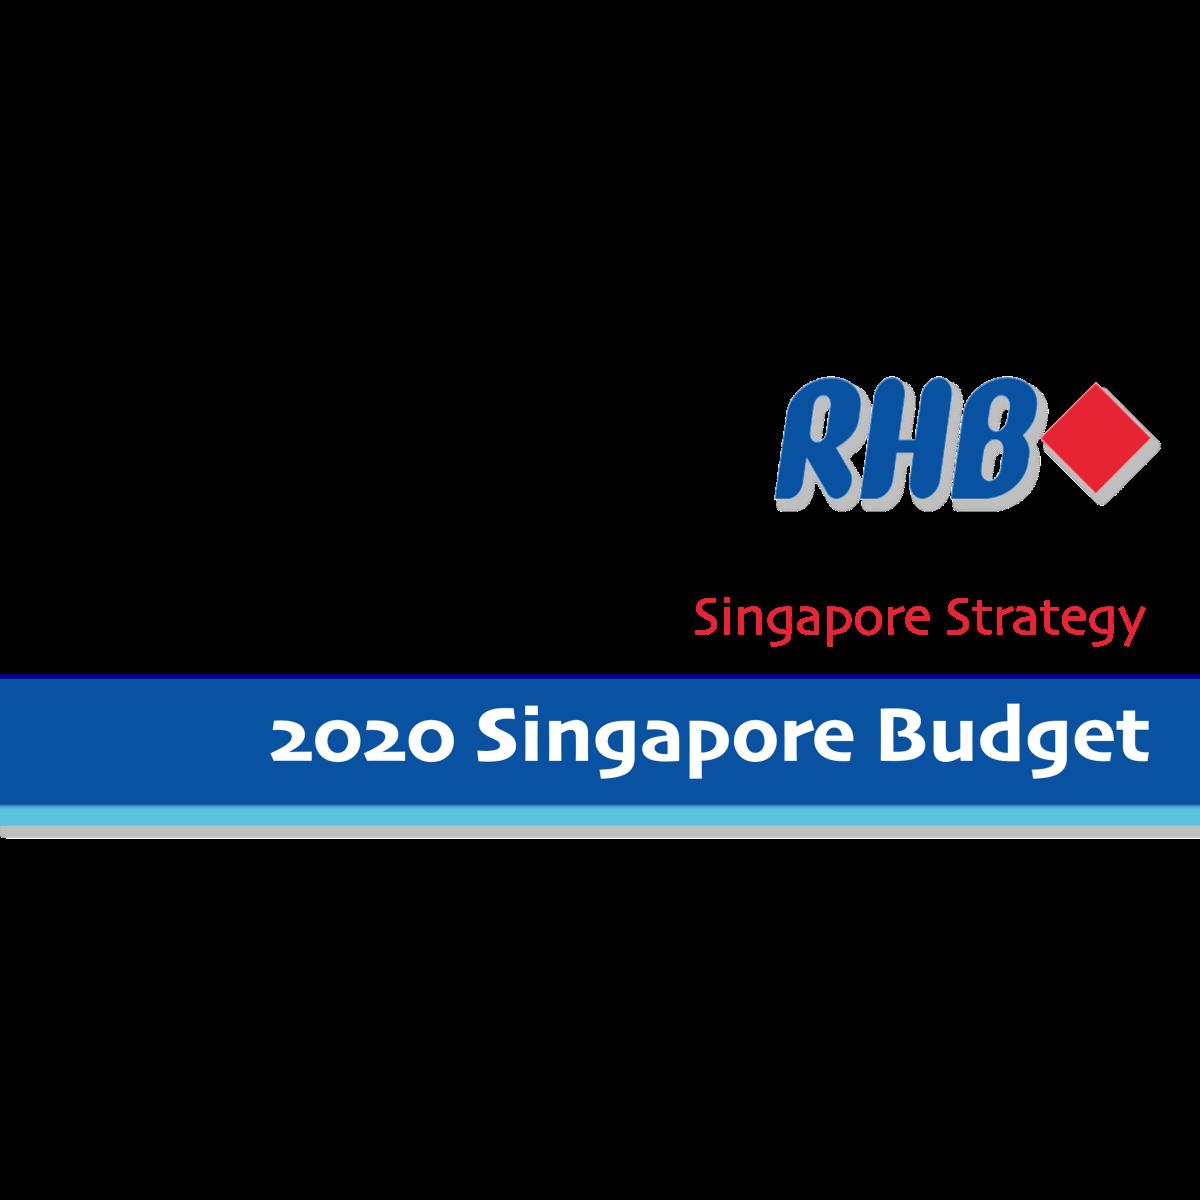 2020 Solidarity Budget - RHB Investment Research | SGinvestors.io